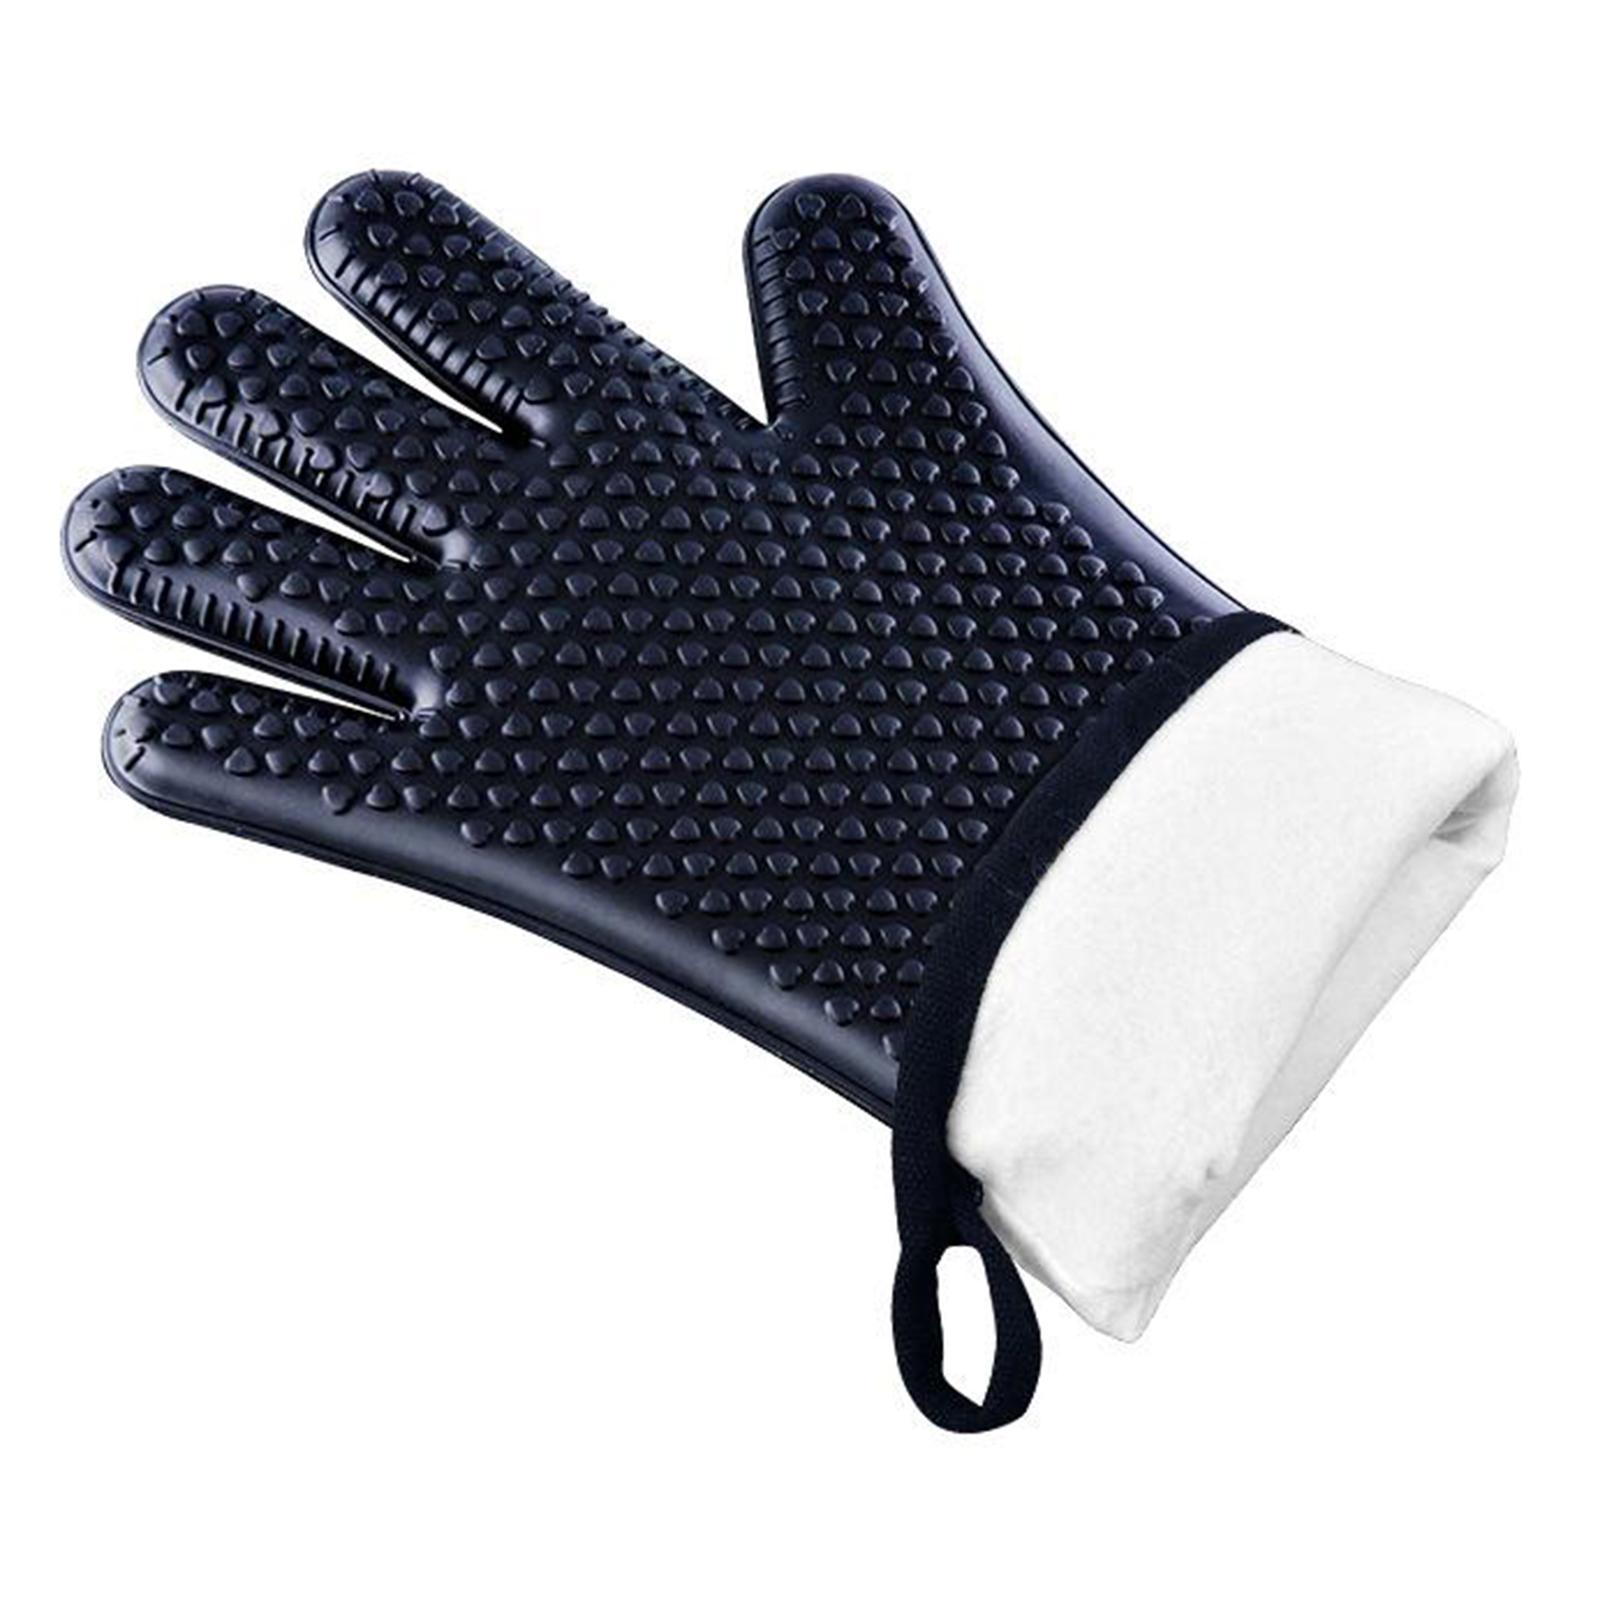 Guantes-para-horno-de-cocina-con-aislamiento-de-silicona-antideslizantes-guantes miniatura 3